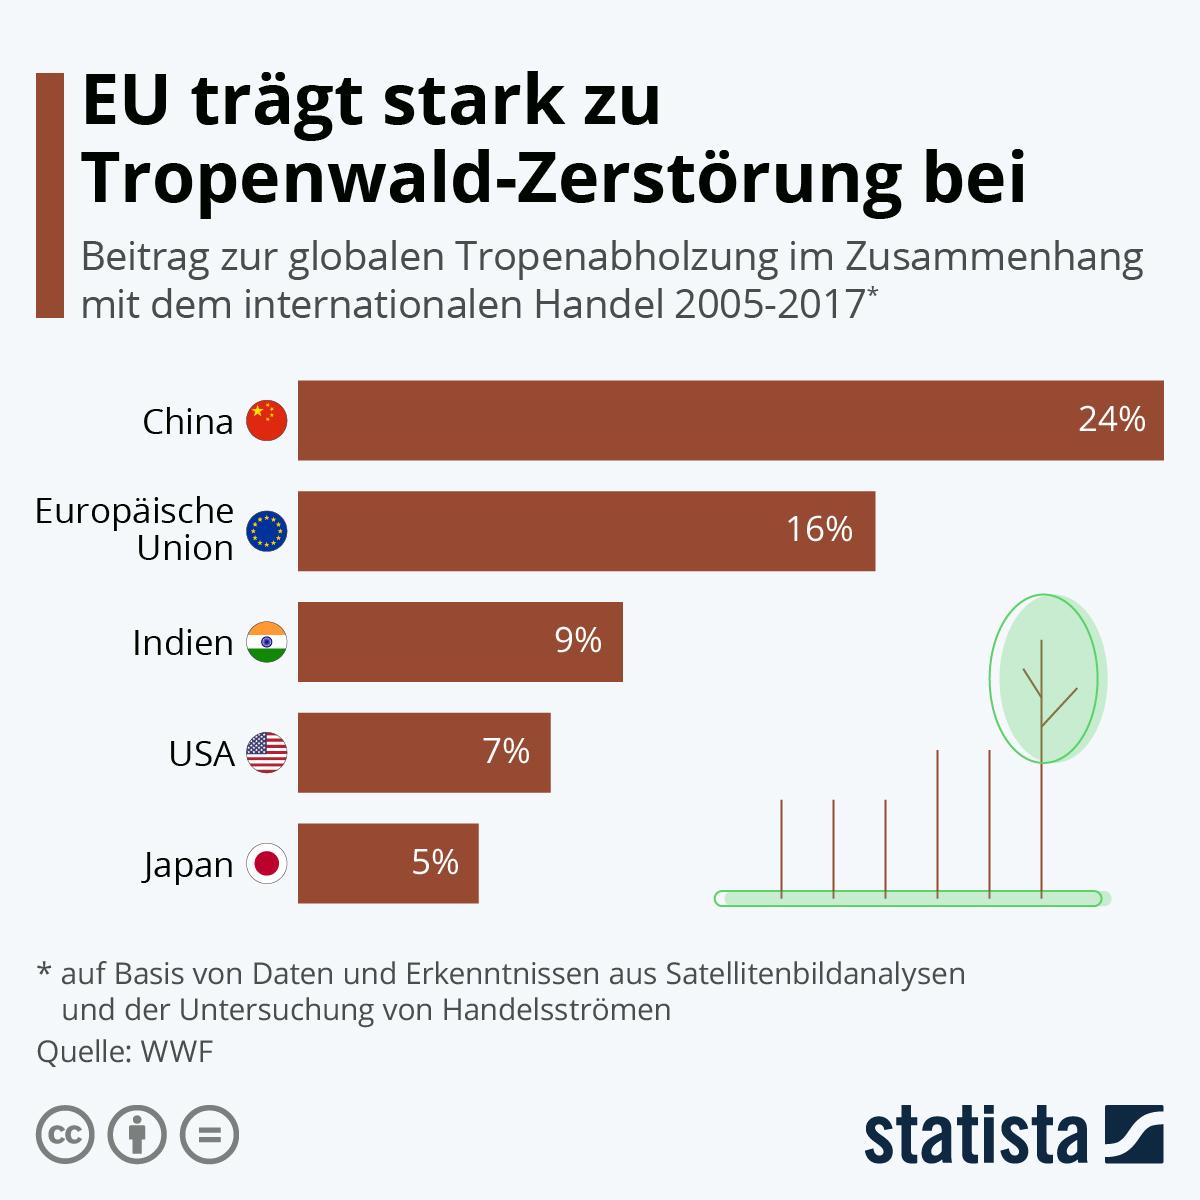 EU trägt stark zu Tropenwald-Zerstörung bei | Statista